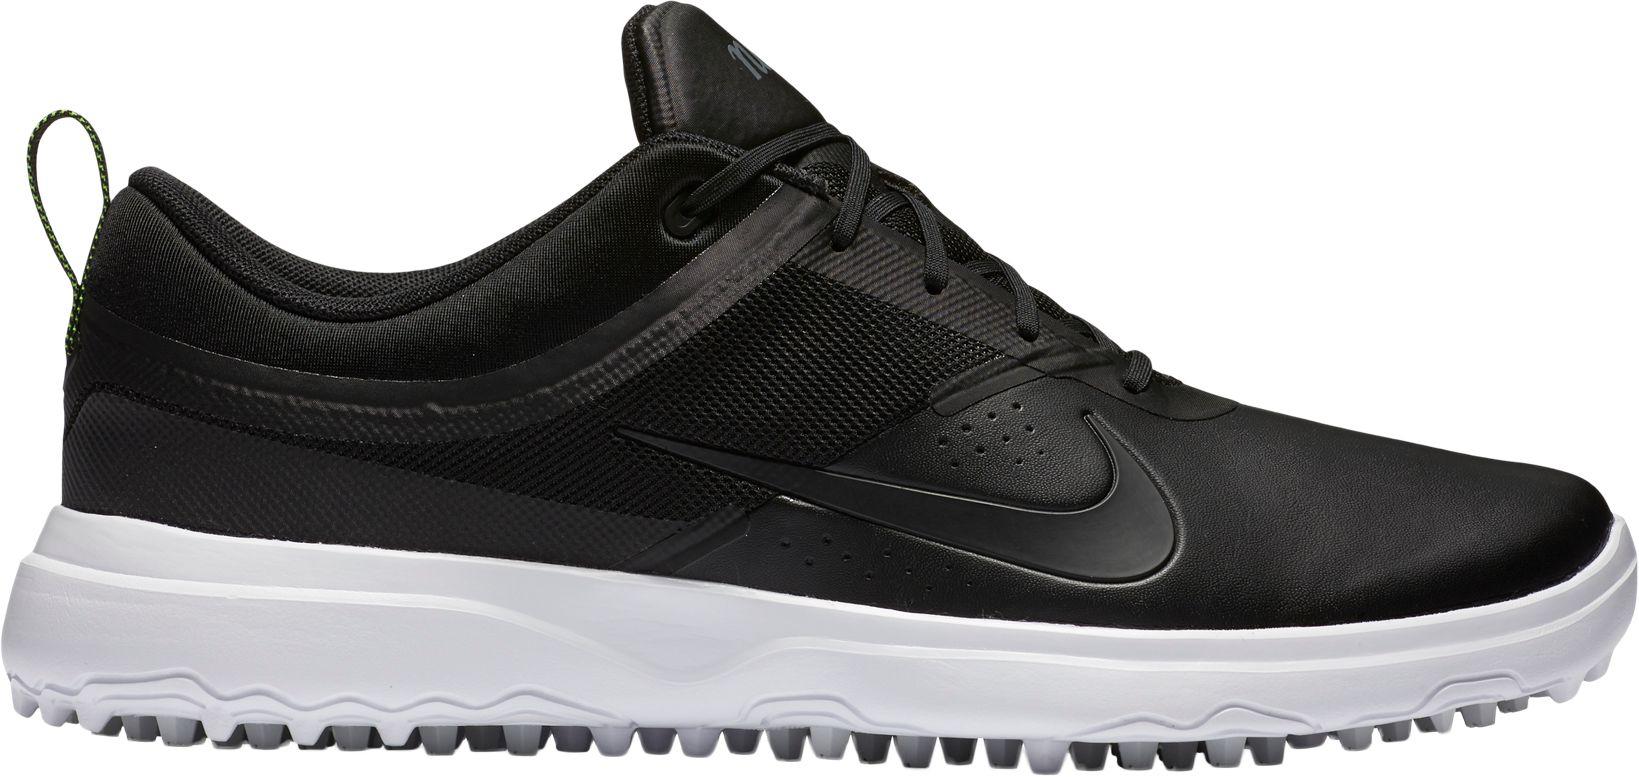 Nike Women\u0027s Akamai Golf Shoes